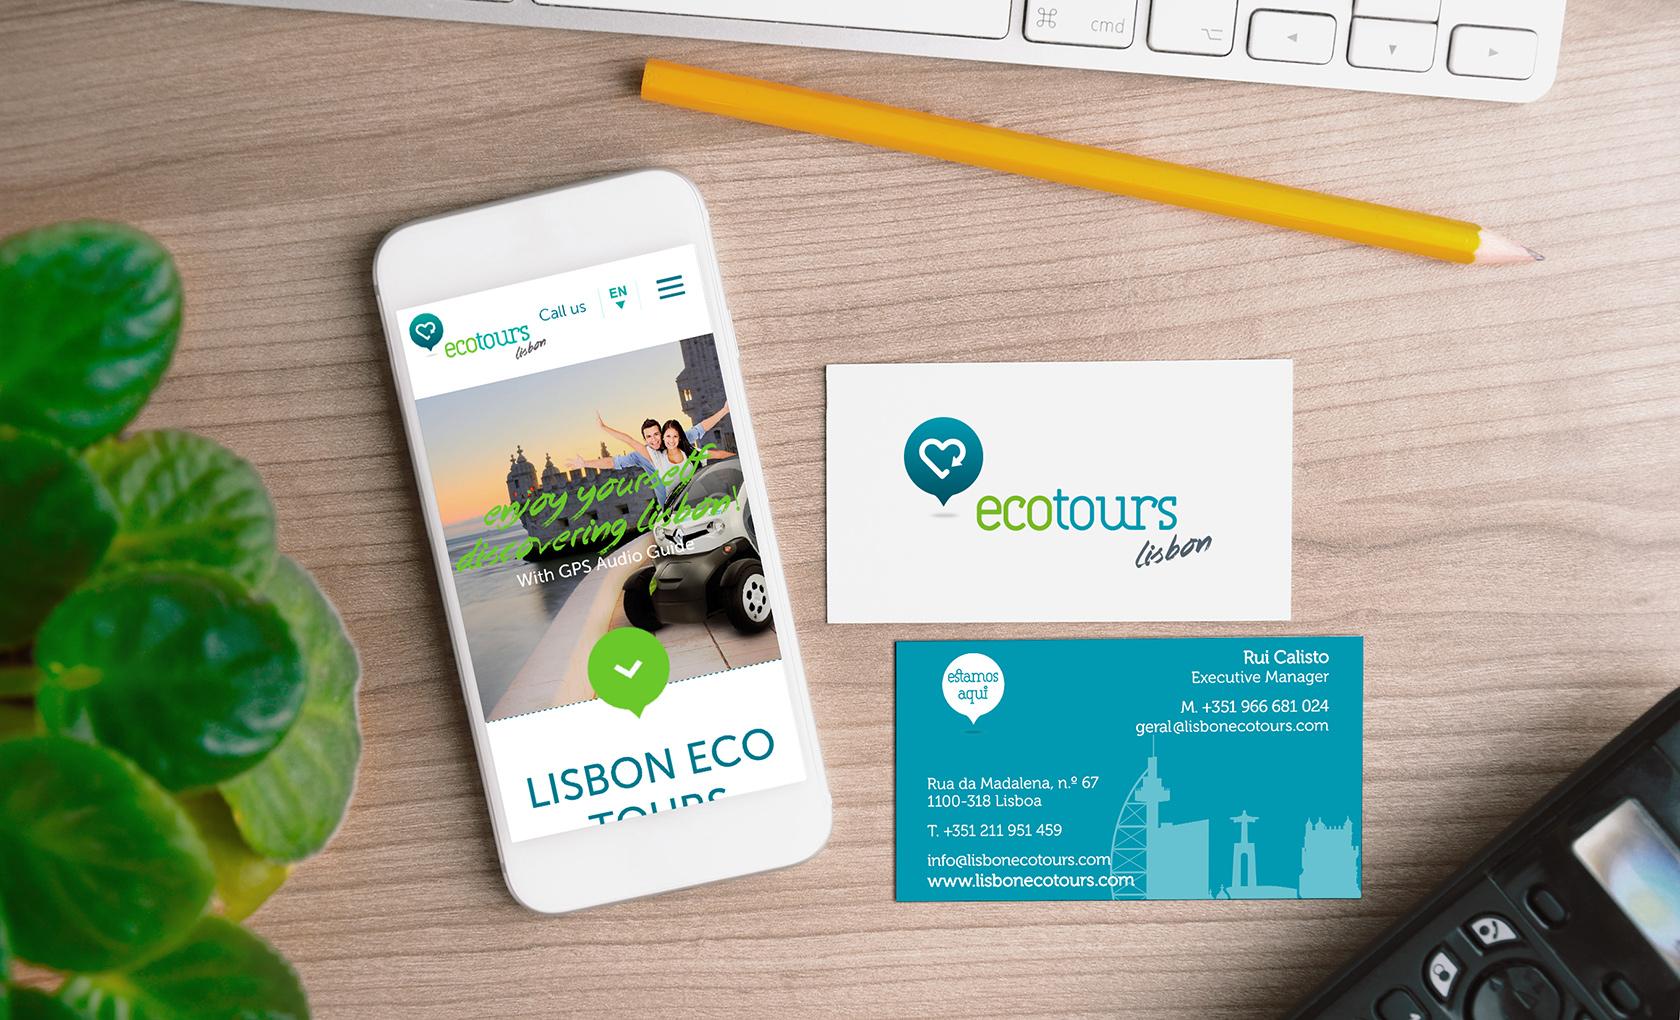 Lisbon EcoTours